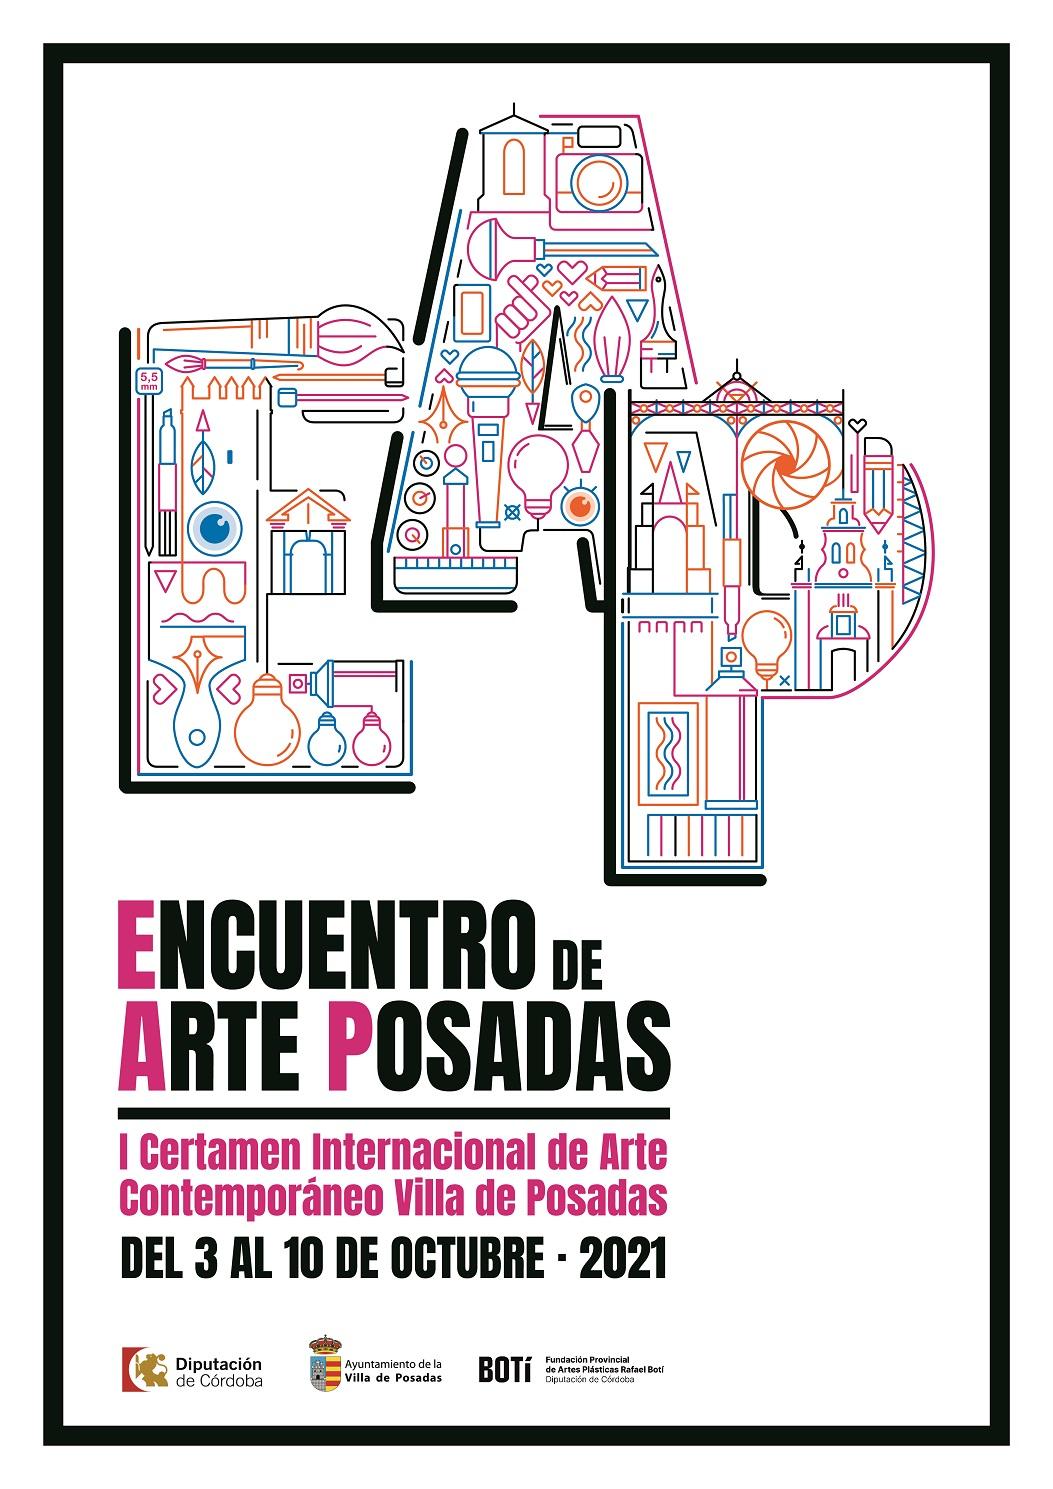 Posadas. I Certamen Internacional de Arte Contemporáneo Villa de Posadas.